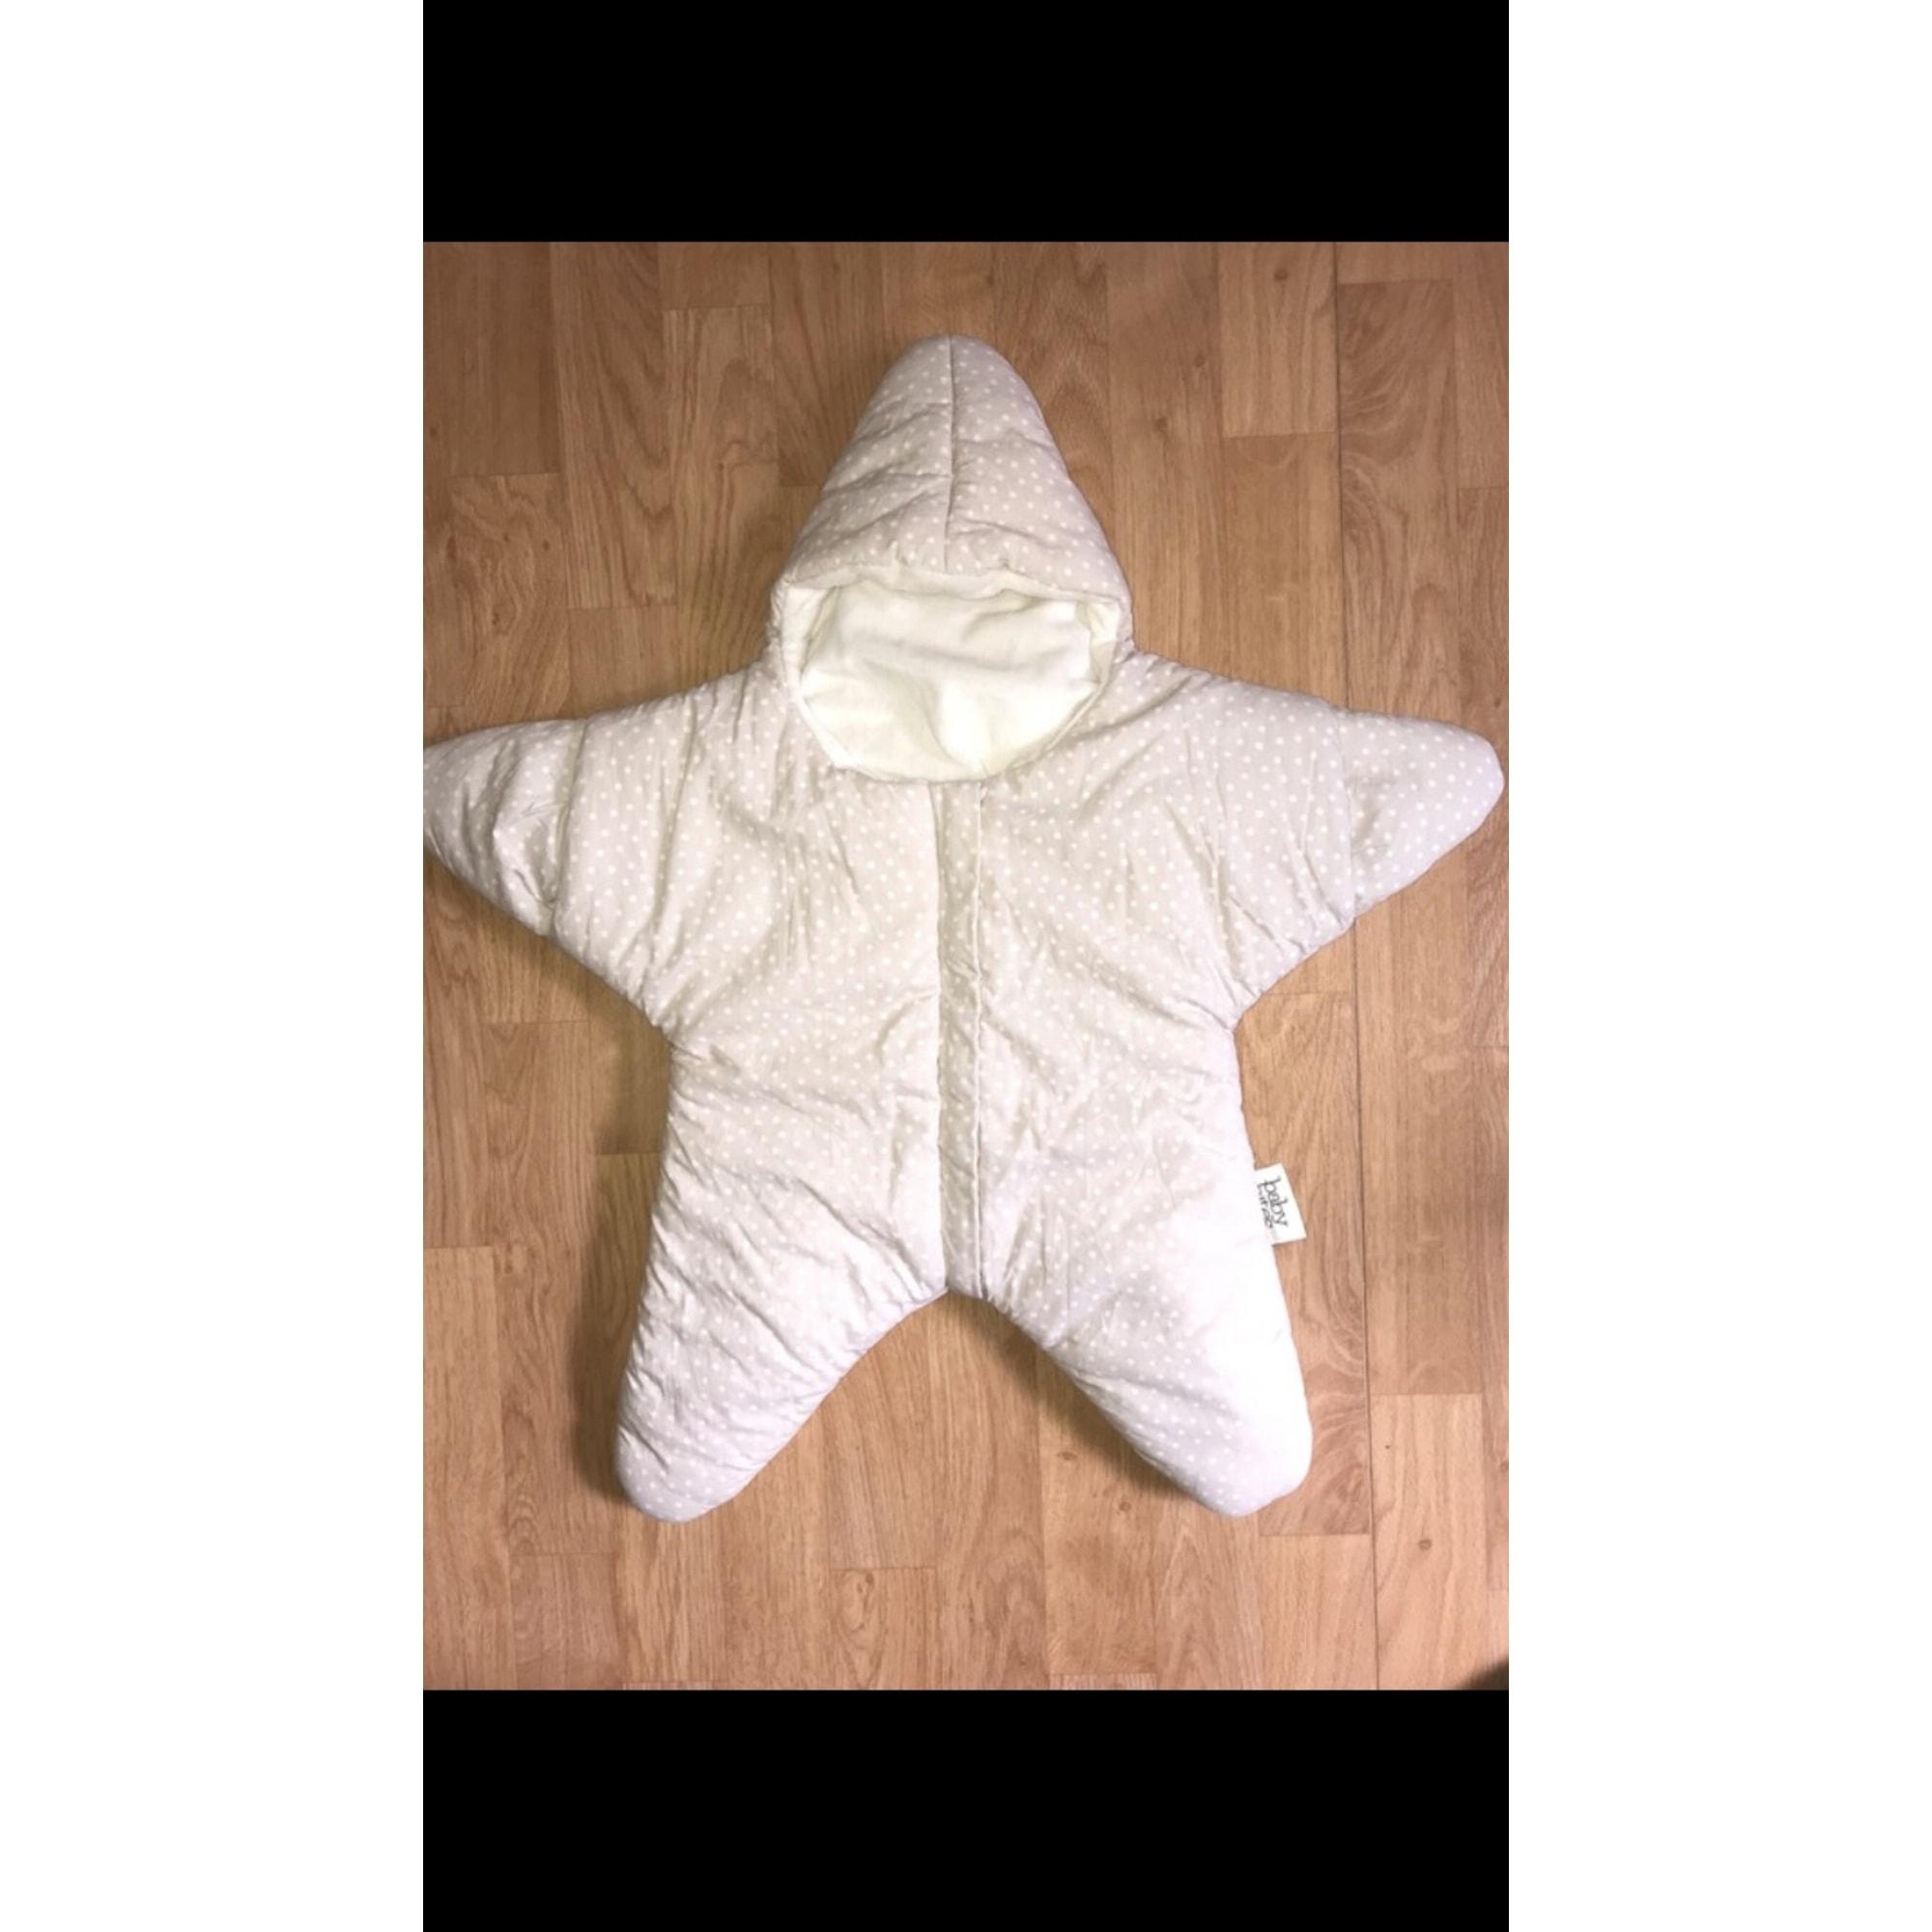 Doudoune WOMB CONCEPT coton blanc 3 mois